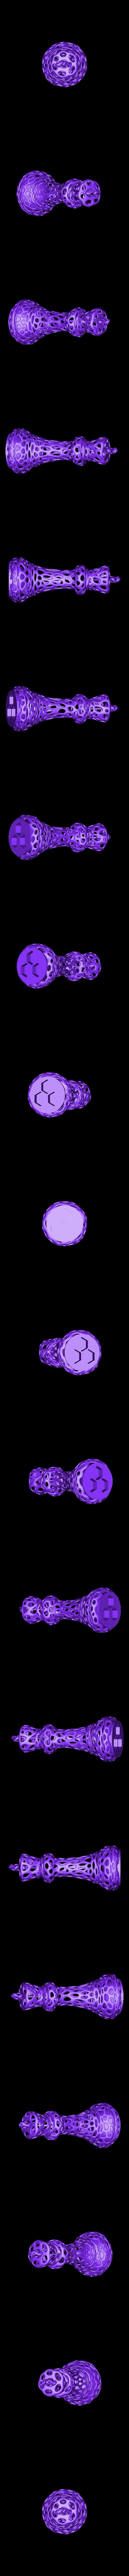 voronoi_king_3xM10.stl Télécharger fichier STL gratuit 3xM10 : Jeu d'échecs Voronoi avec entrées pour 3 x écrous M10 • Modèle à imprimer en 3D, Numbmond